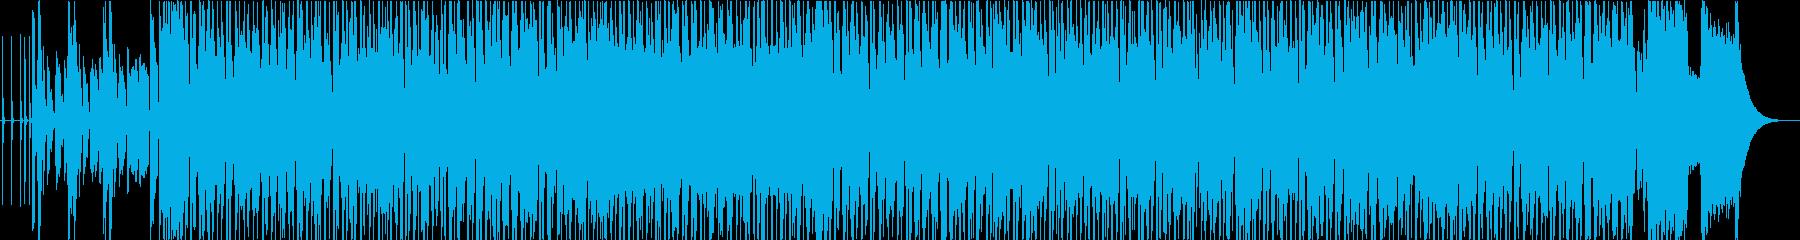 軽快なビッグバンド&スウィングロックの再生済みの波形